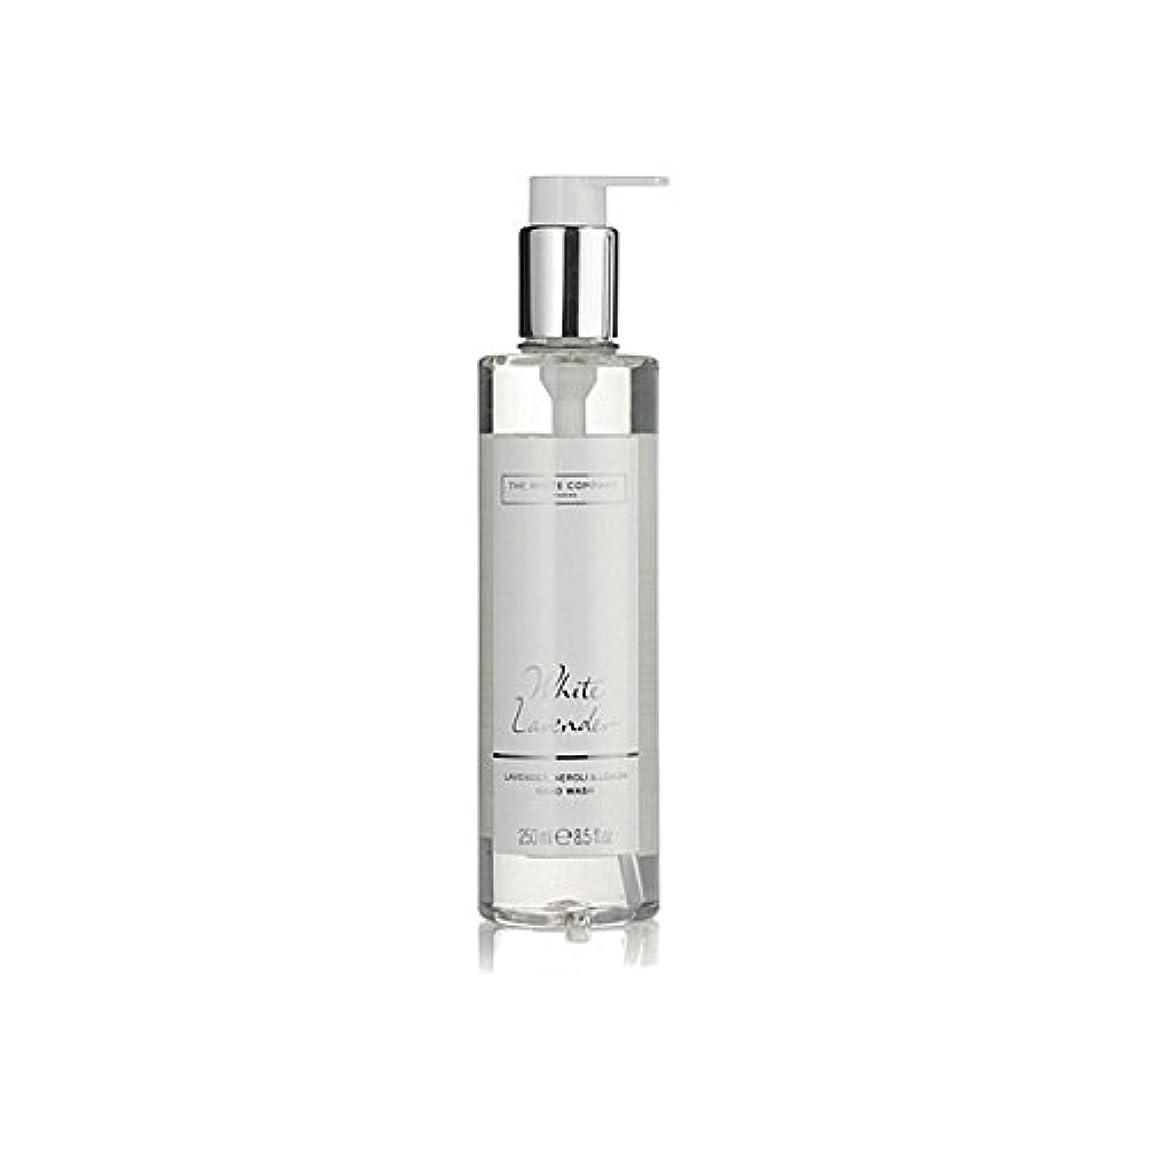 著名なフレット常識白同社白ラベンダーハンドウォッシュ x2 - The White Company White Lavender Hand Wash (Pack of 2) [並行輸入品]